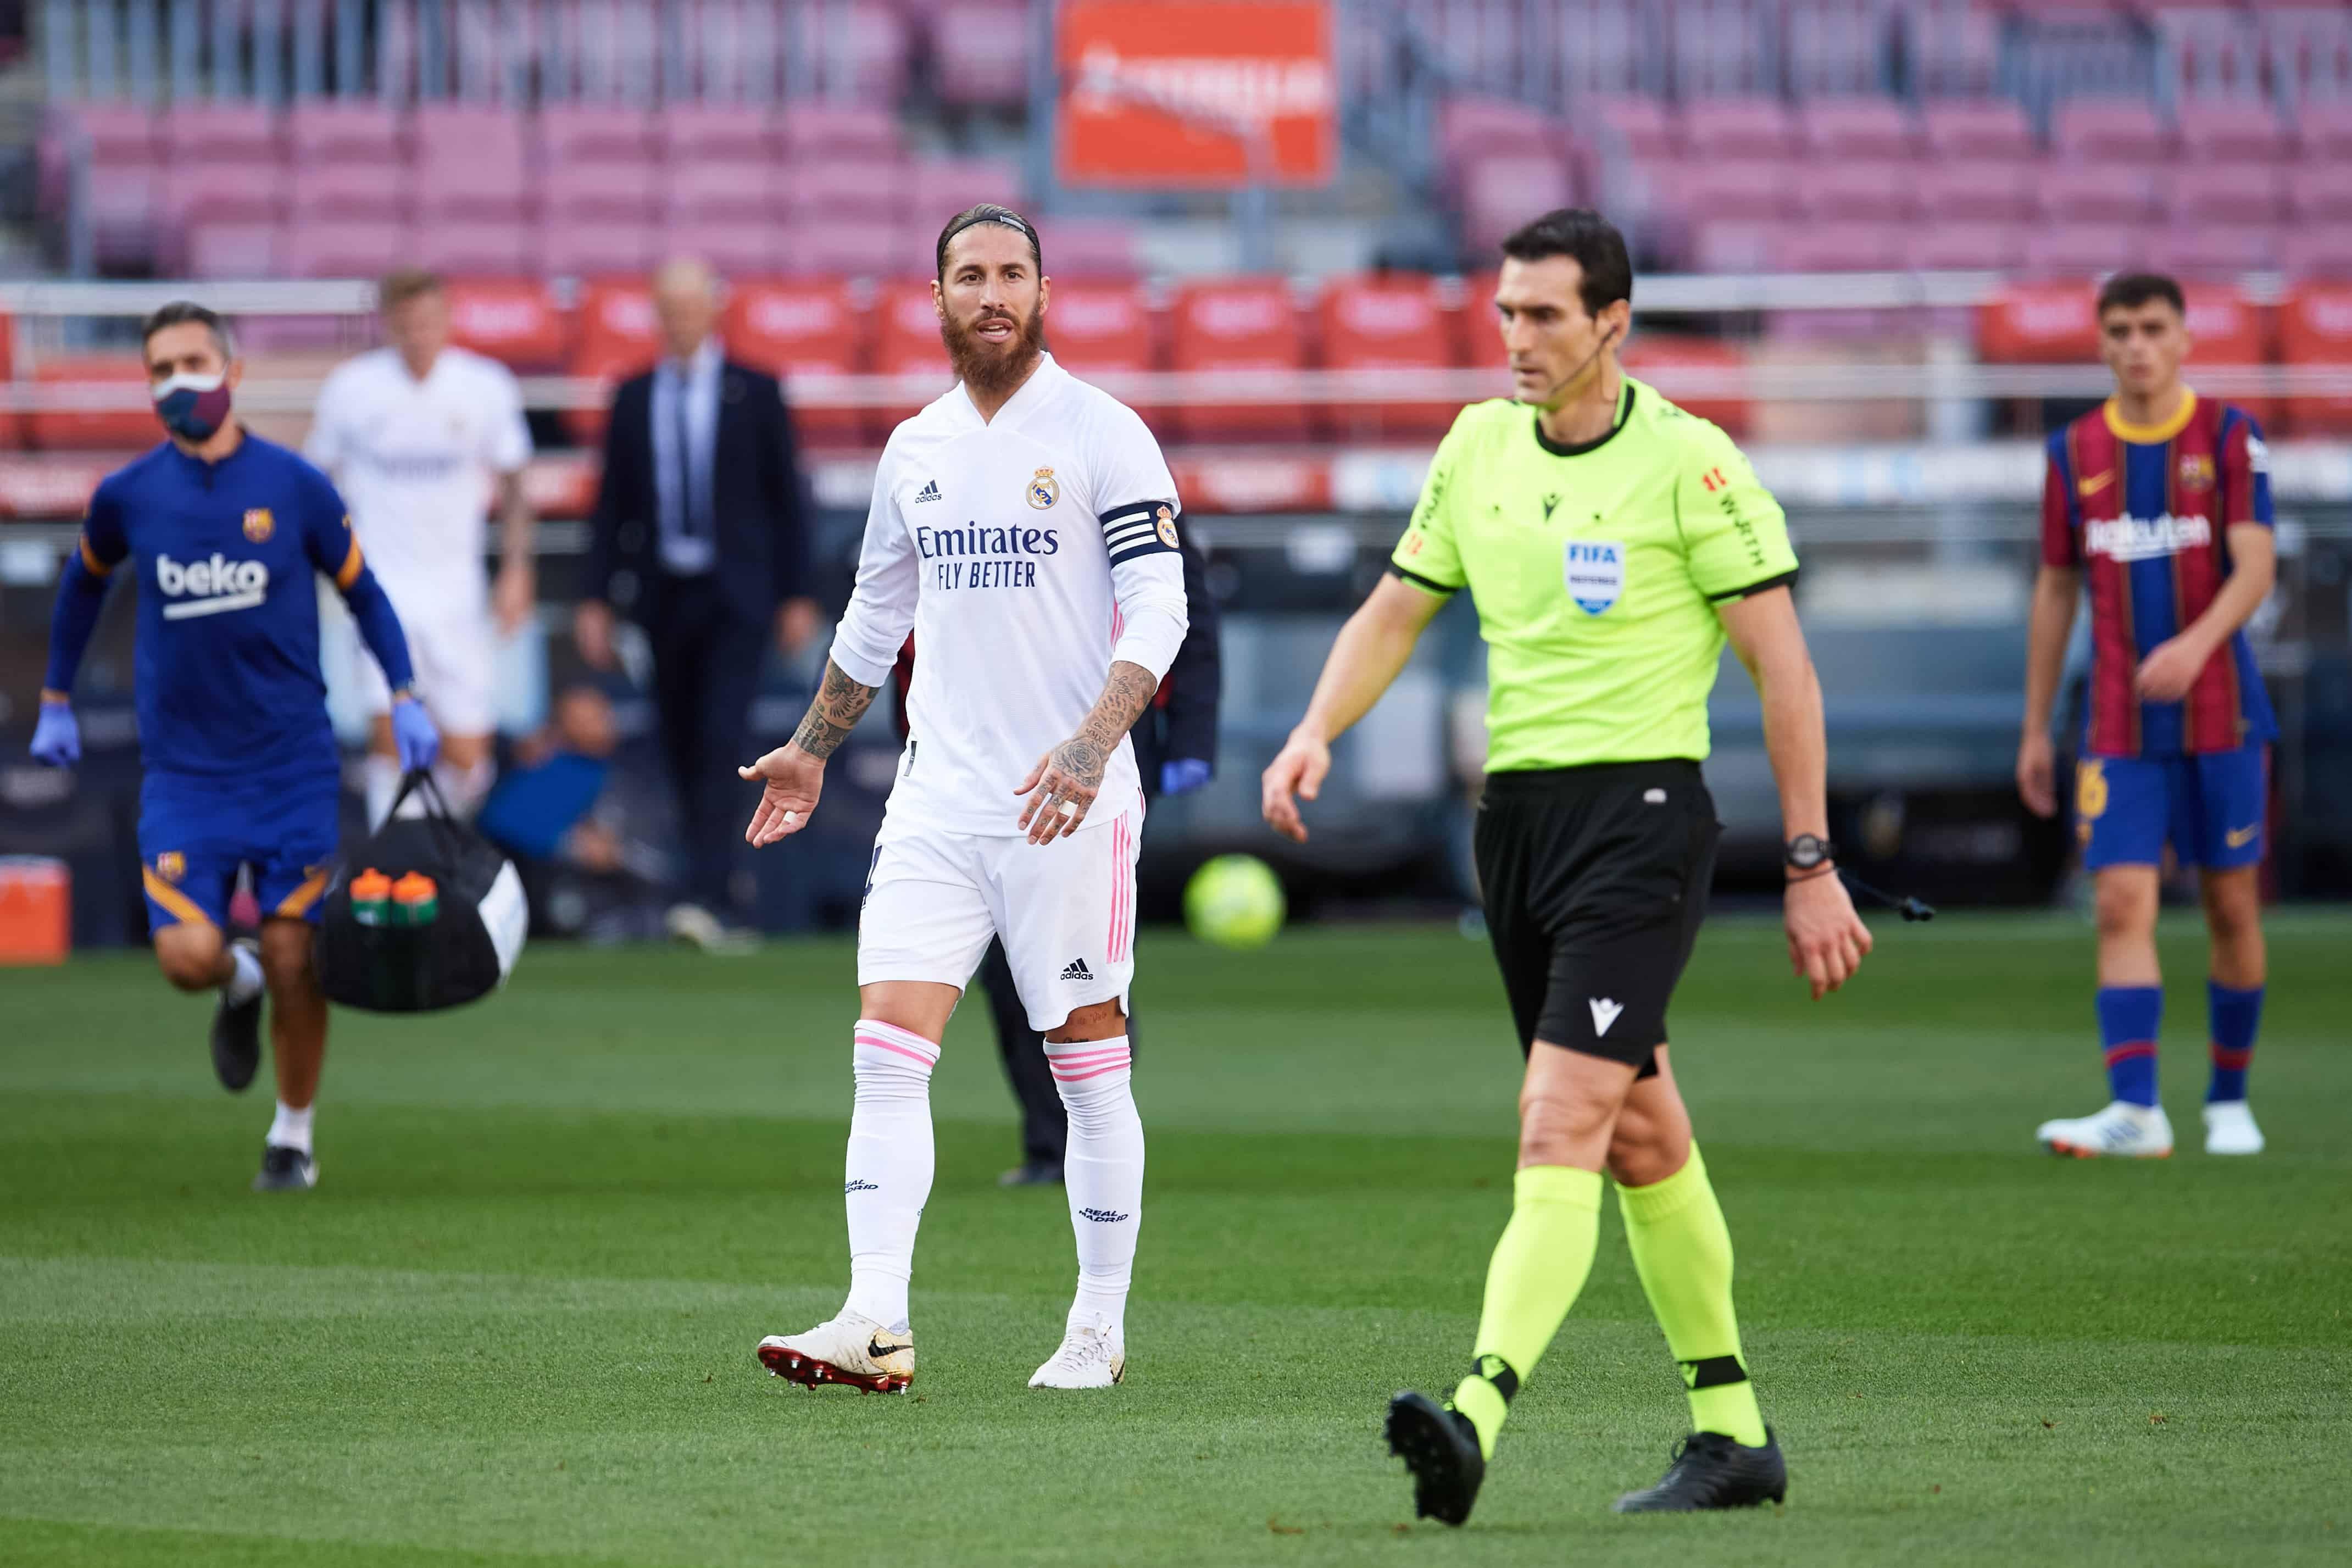 Sigue la polémica! filtraron un audio al árbitro de Barcelona-Real Madrid:  Es falta de Ramos - TyC Sports | Real madrid, Arbitro, Barcelona